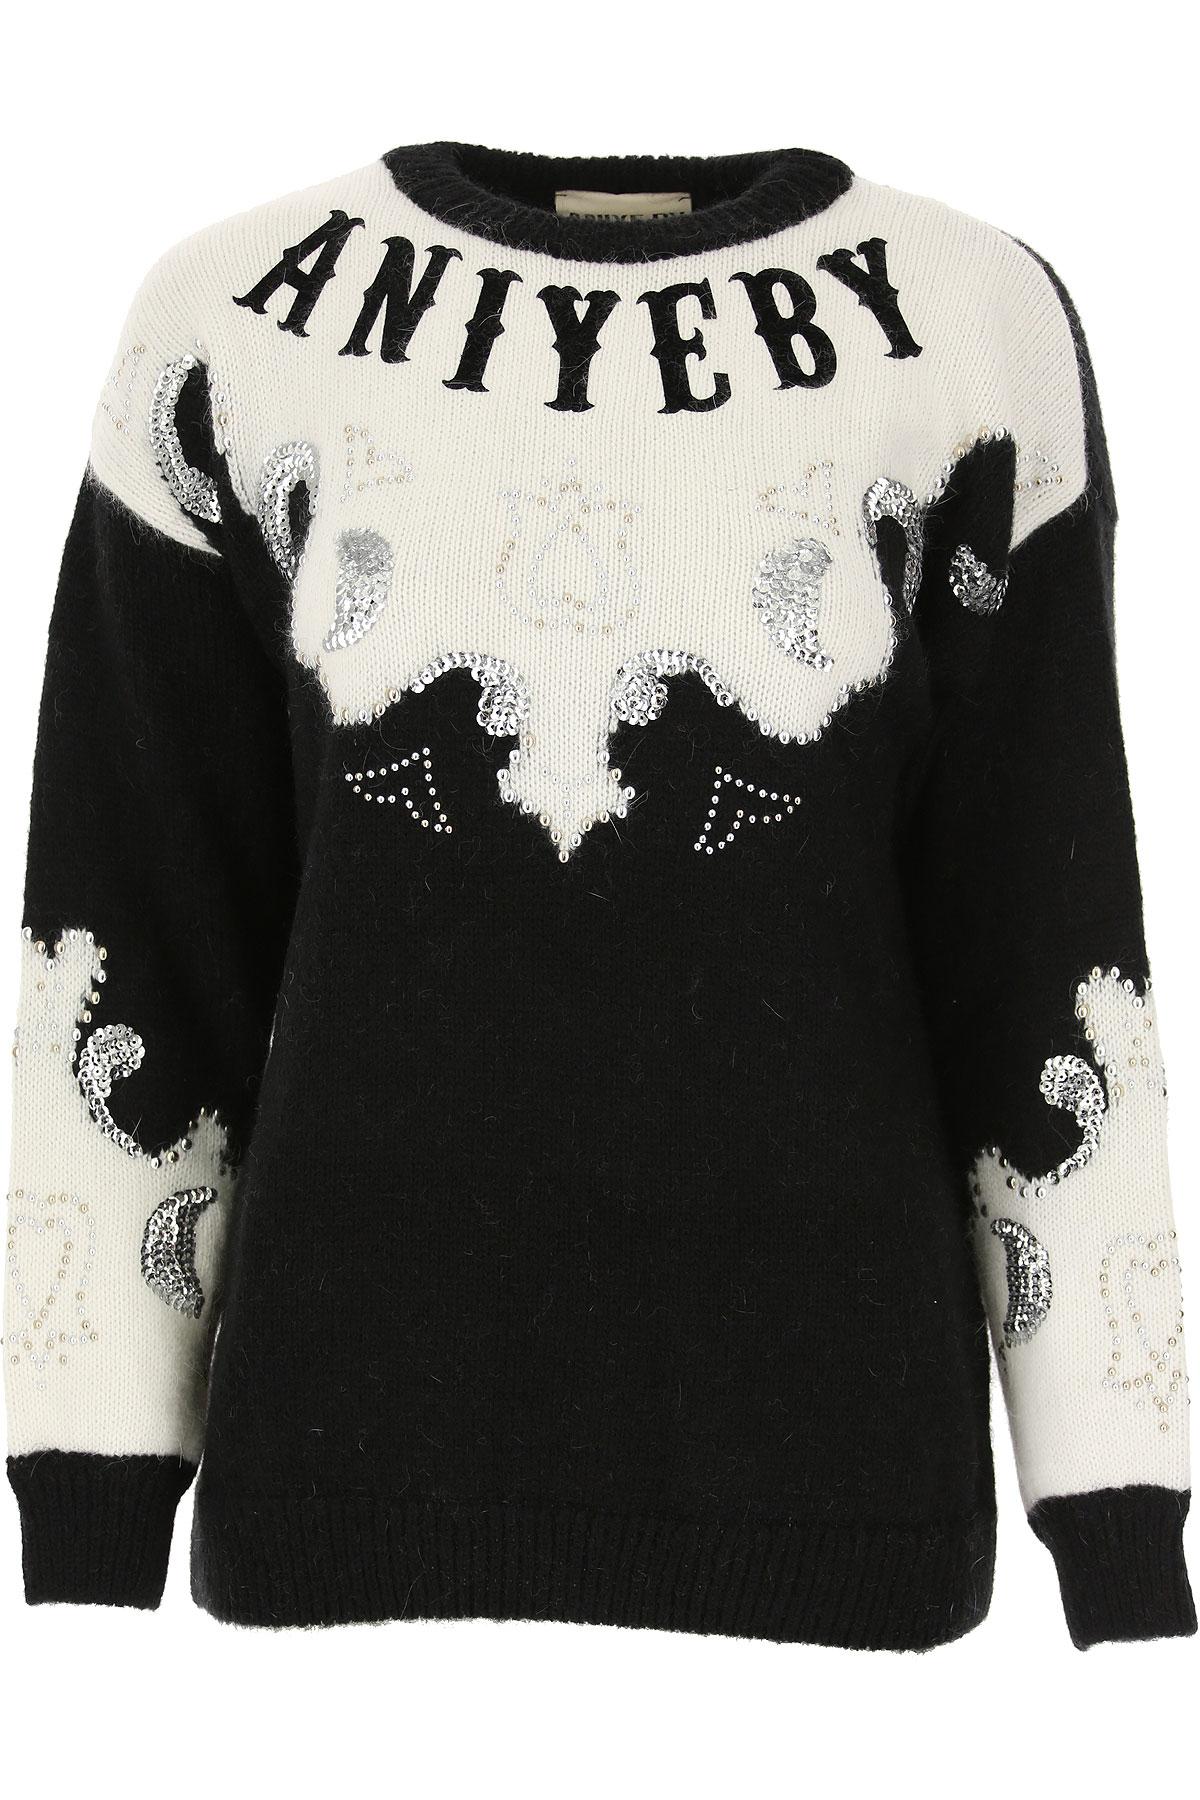 Aniye By Sweater for Women Jumper On Sale, Black, Acrylic, 2019, 2 4 6